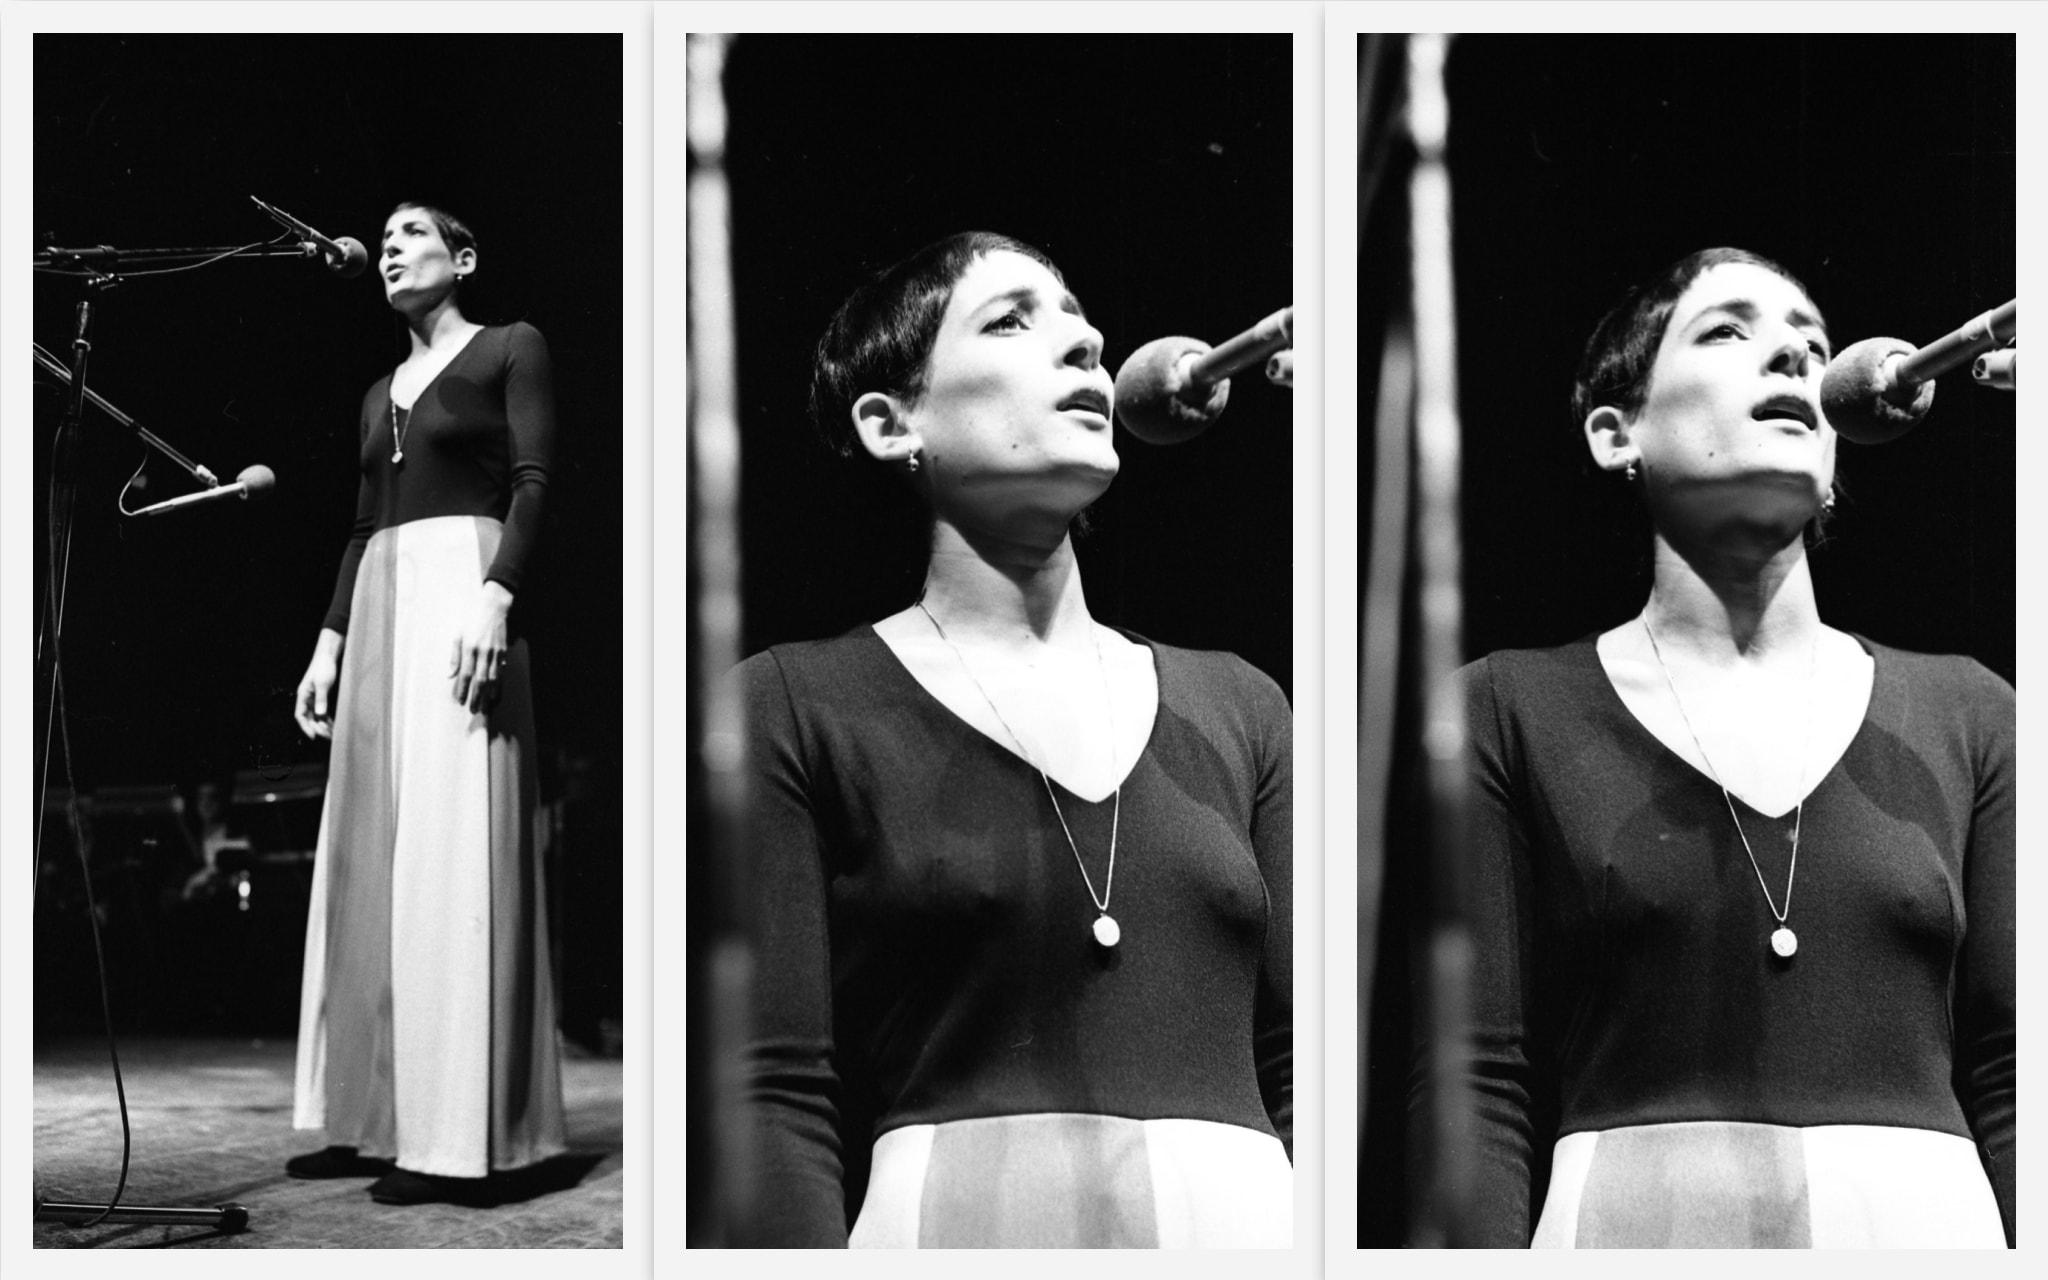 רבקה זהר בערב שירי משוררים בבית החייל בתל אביב, 25 בינואר 1972 (צילום: אוסף דן הדני, הספרייה הלאומית)